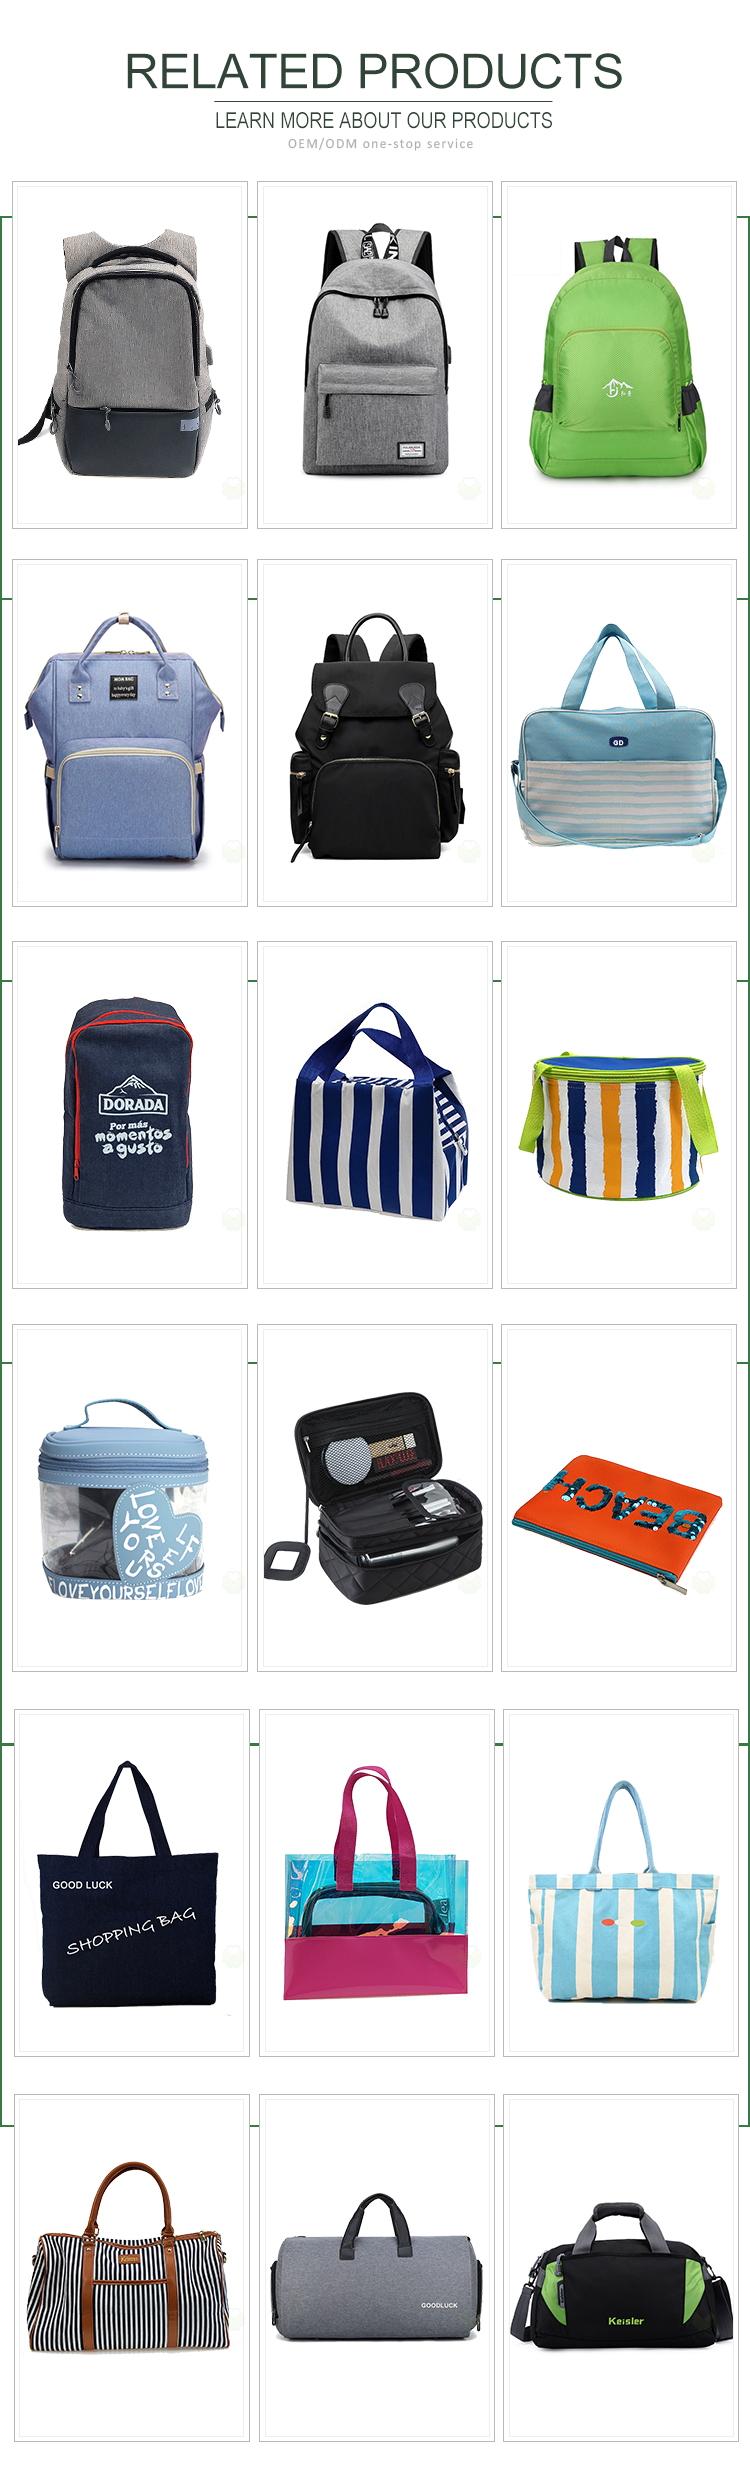 पिज्जा गरम बैग गरम अछूता पिज्जा Takeout बैग विद्युत पिज्जा कूलर बैग